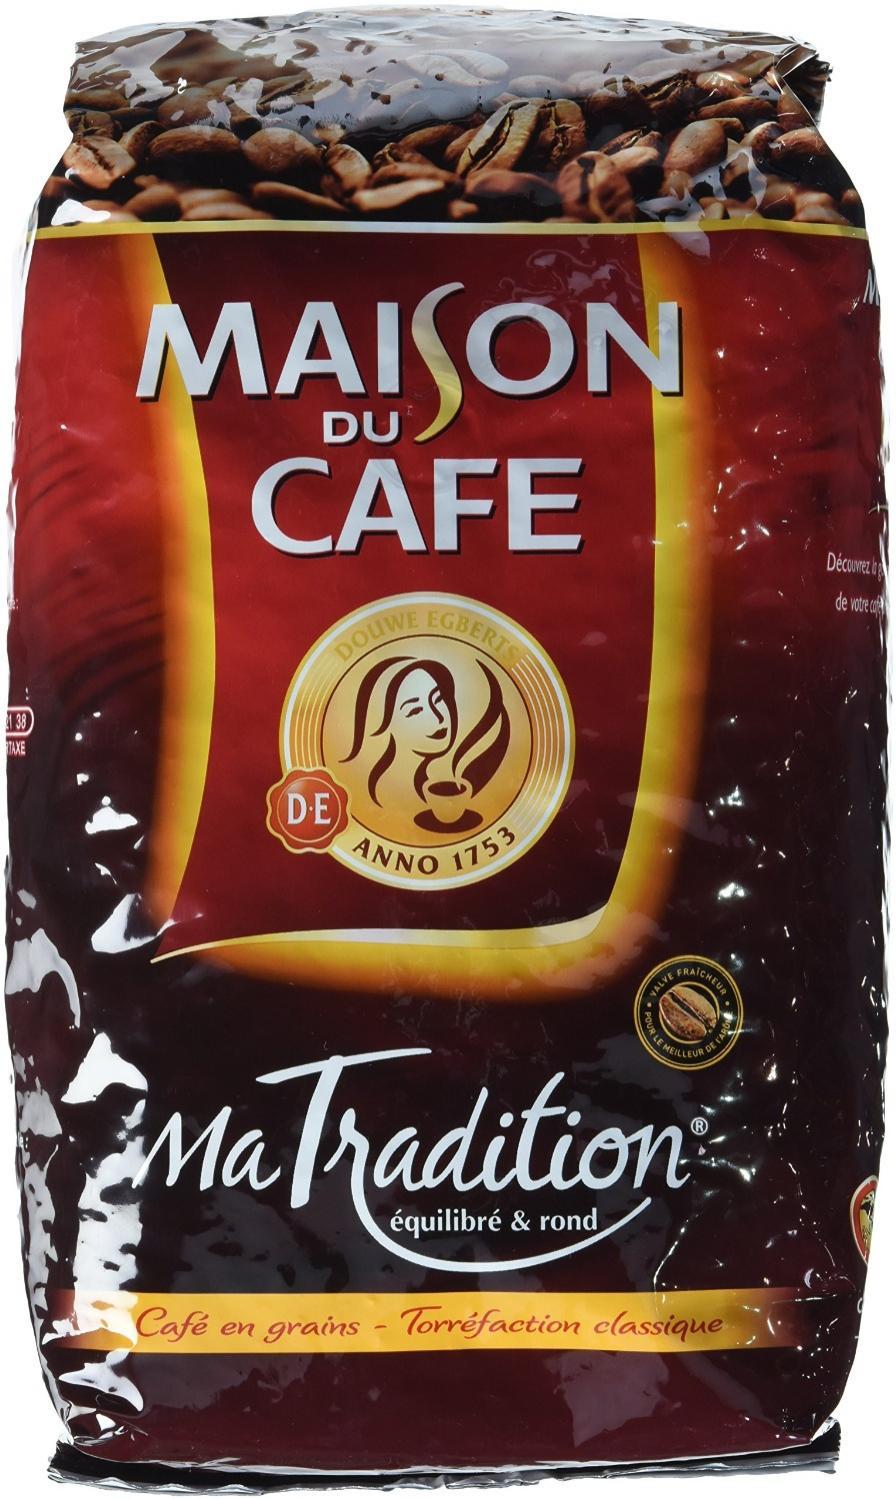 Lot de 3 Pack de café Maison du café en grains - 3x1Kg